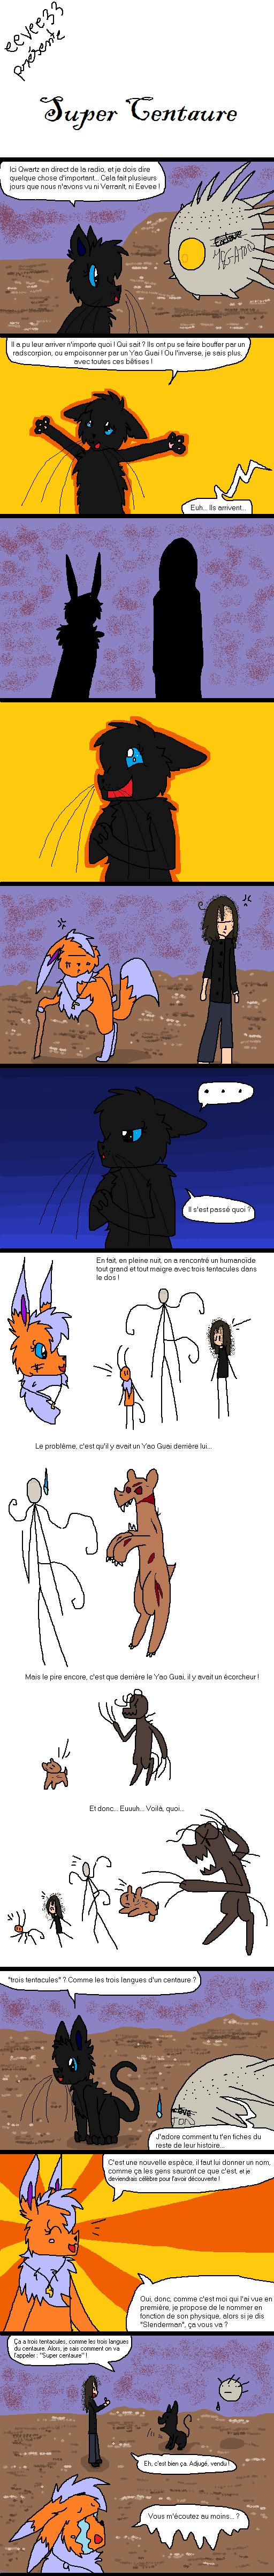 La Galerie de l'Évoli sans cervelle... - Page 2 Super_centaure_by_eevee33-d6gsri3